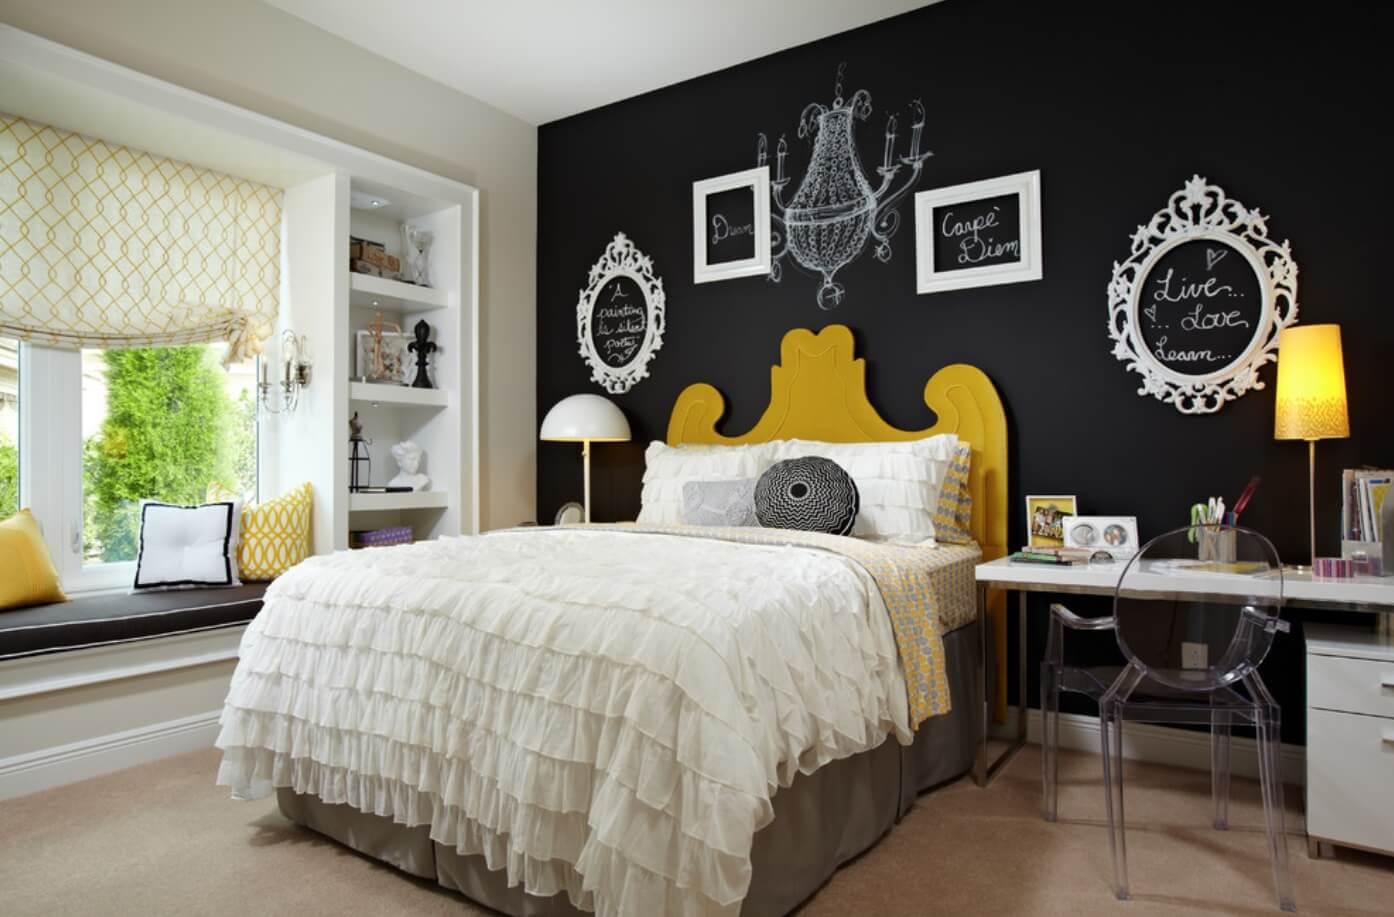 Как оформить дизайн стен в спальне: варианты декорирования (+47 фото)